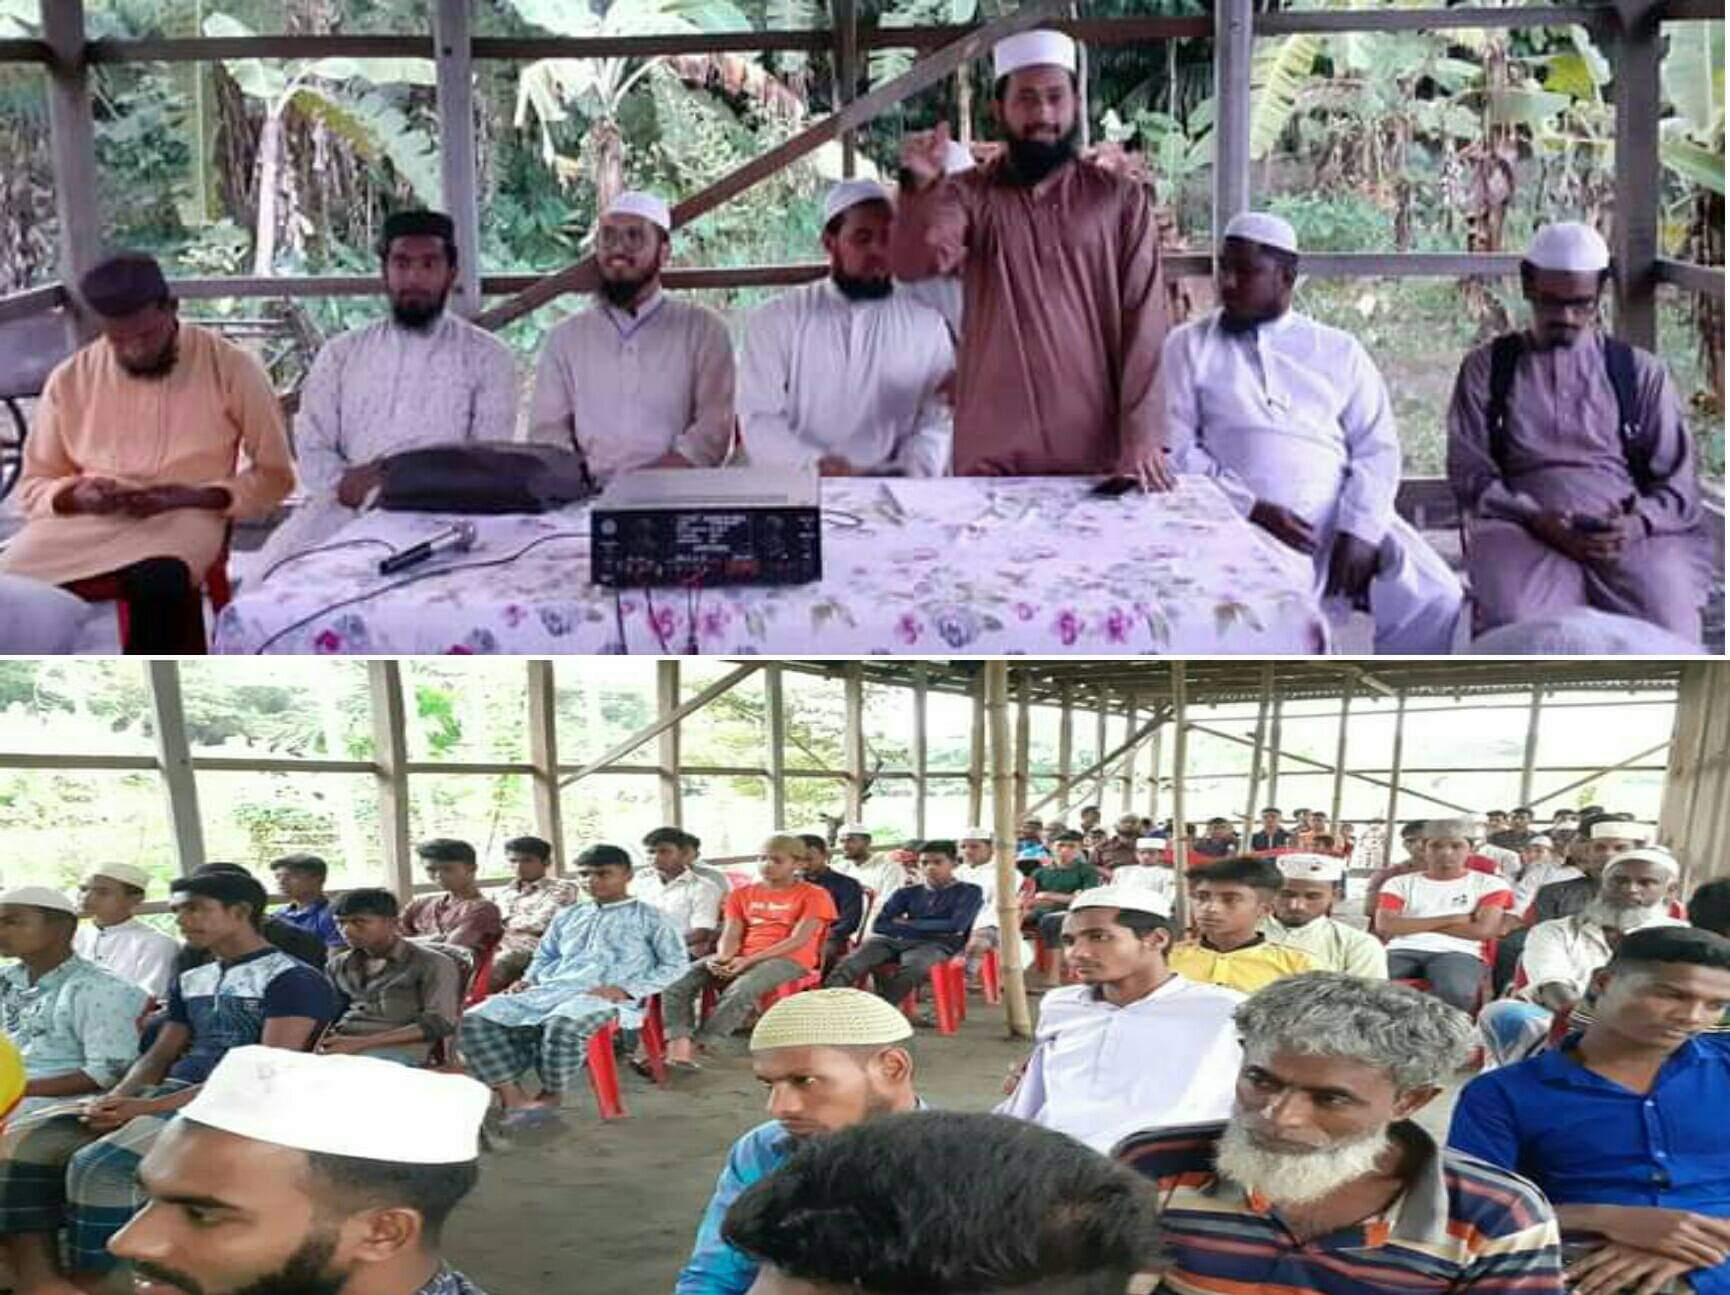 কুশাখালীতে ইসলামী আন্দোলনের উদ্যোগে যুব সমাবেশ অনুষ্ঠিত